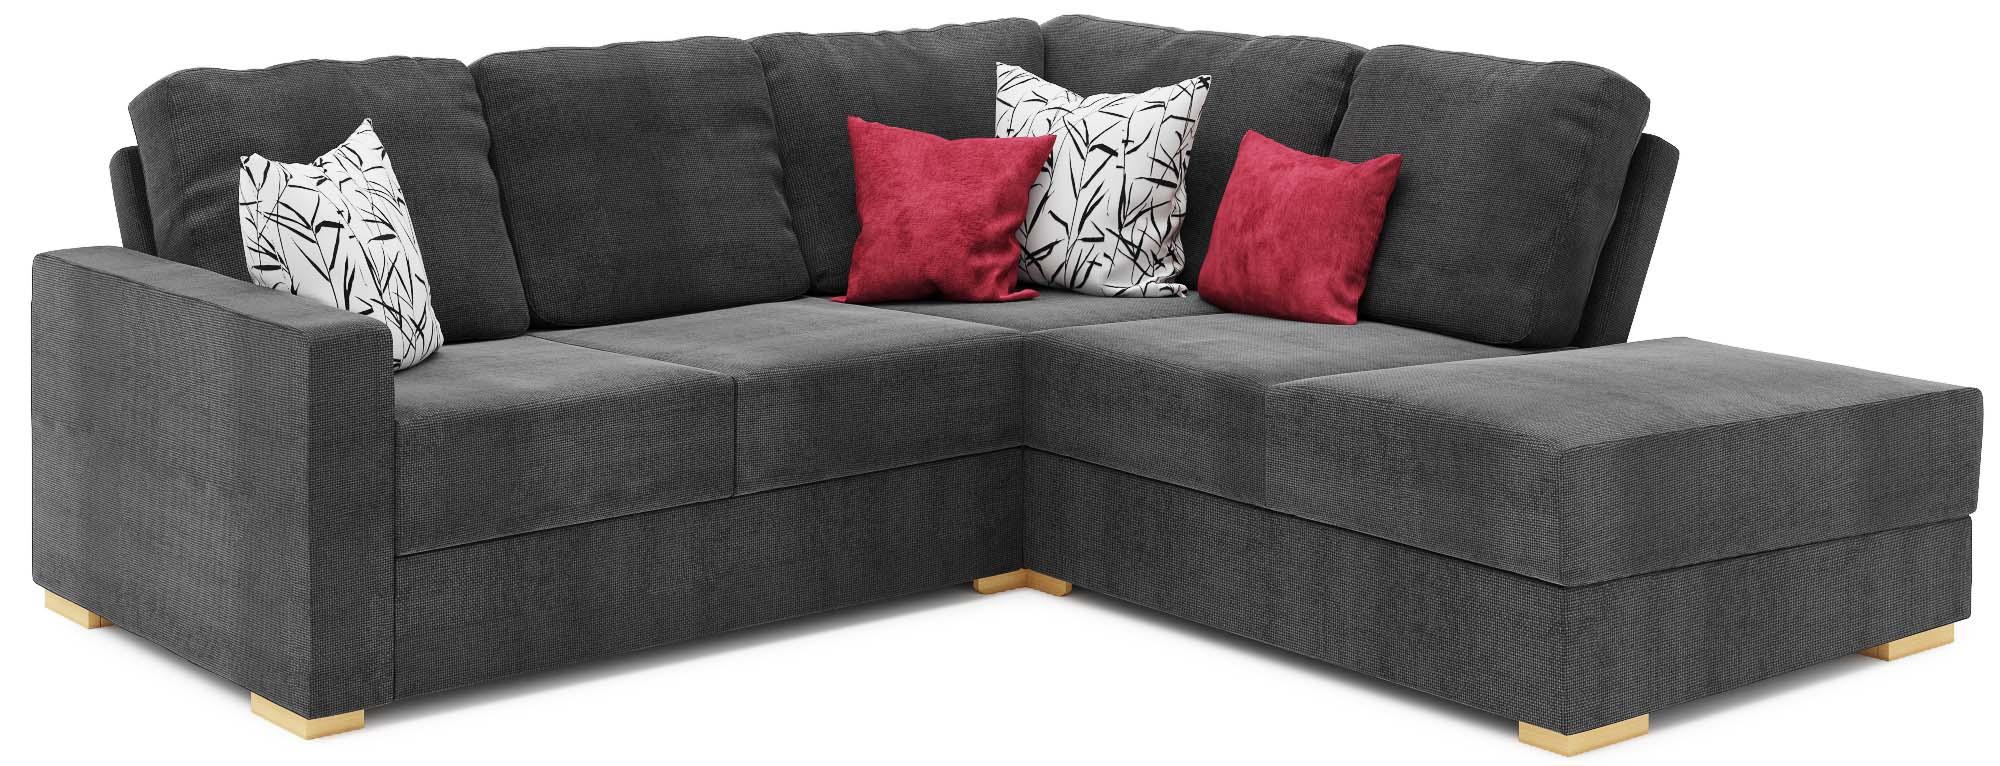 Lear Chaise 3X3 Corner Sofa